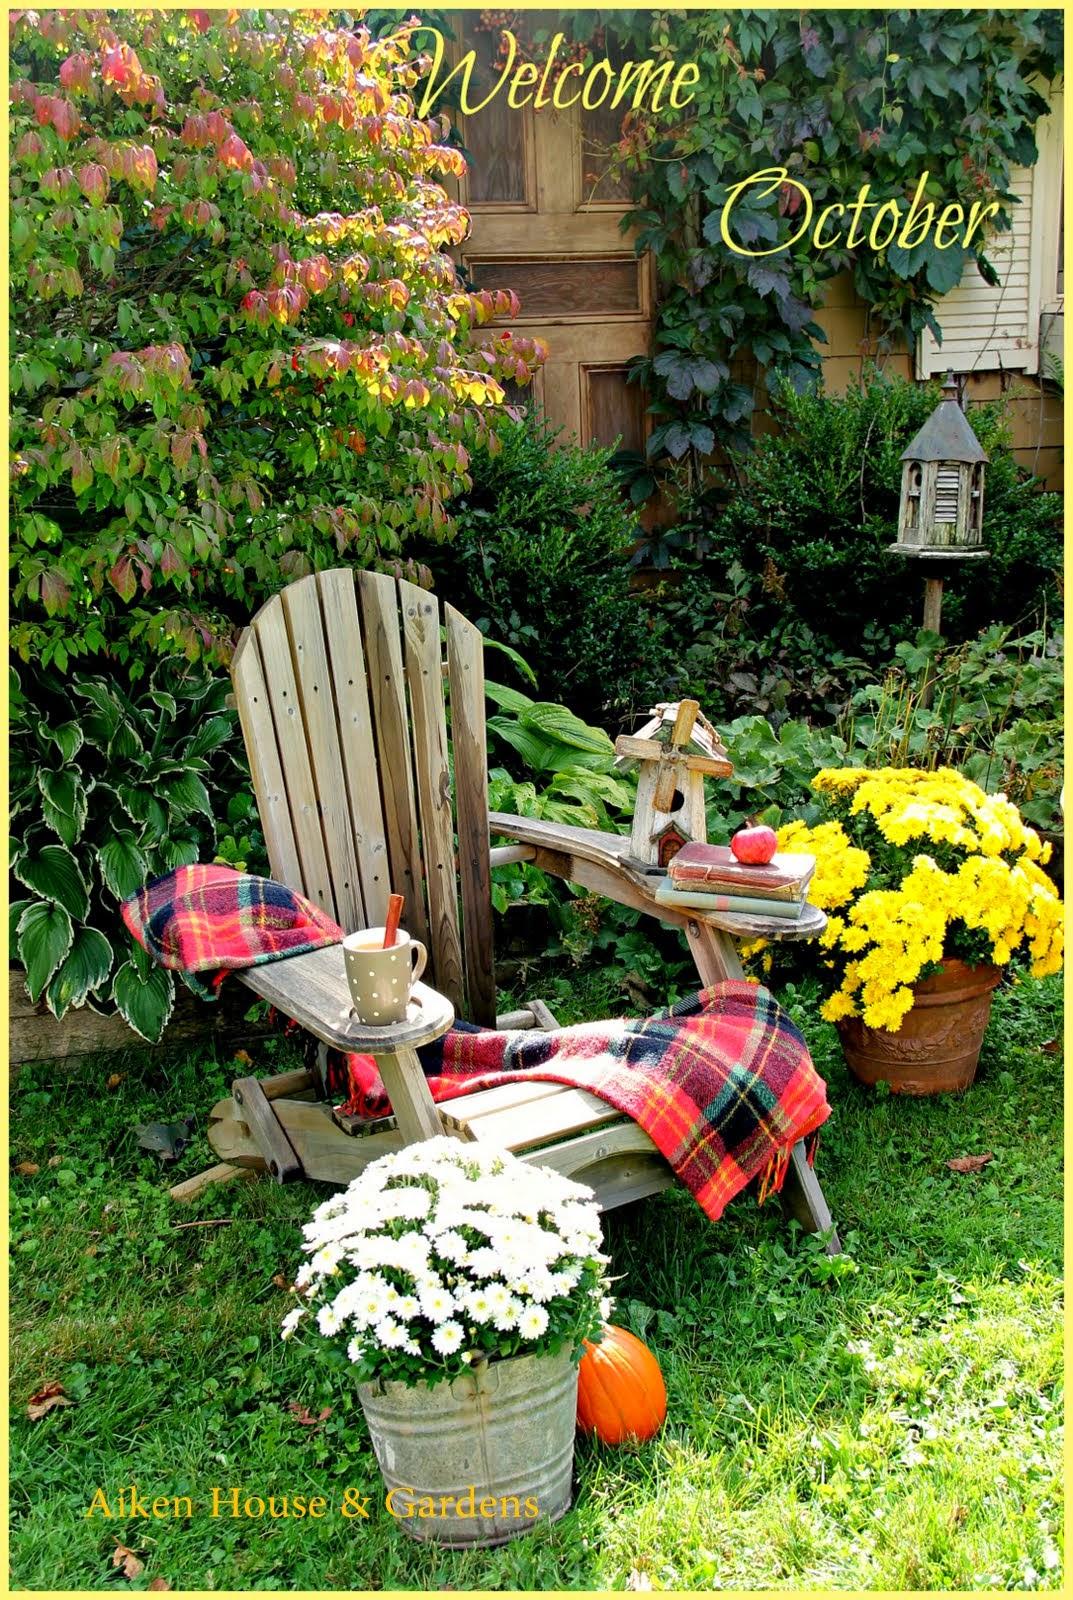 Aiken house gardens welcome october for Aiken house